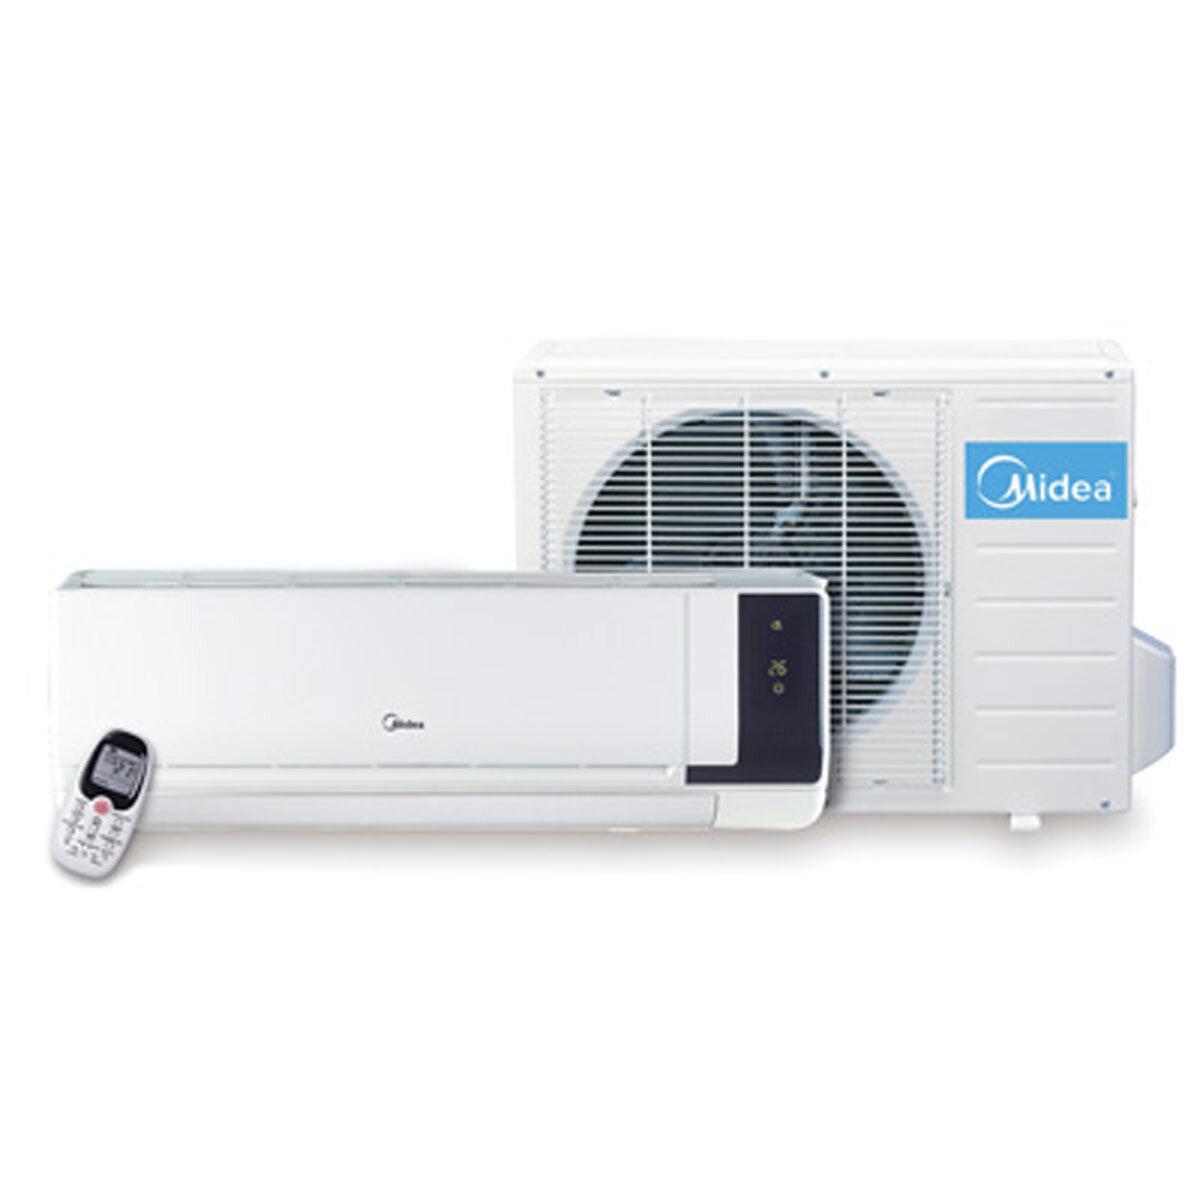 Cách vệ sinh bảo dưỡng máy lạnh điều hòa Midea chi tiết nhất